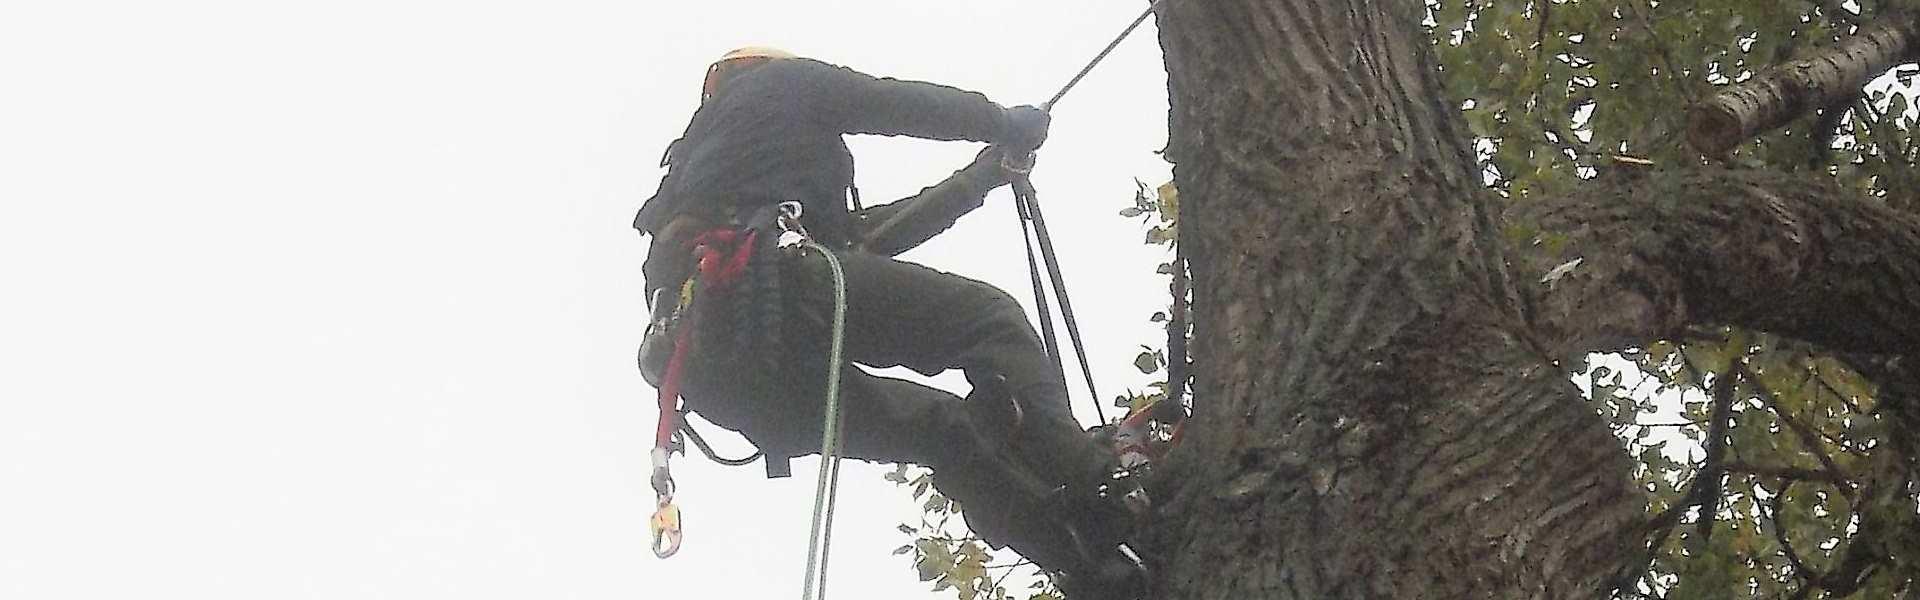 Wycinka i pielęgnacja drzew na wysokości